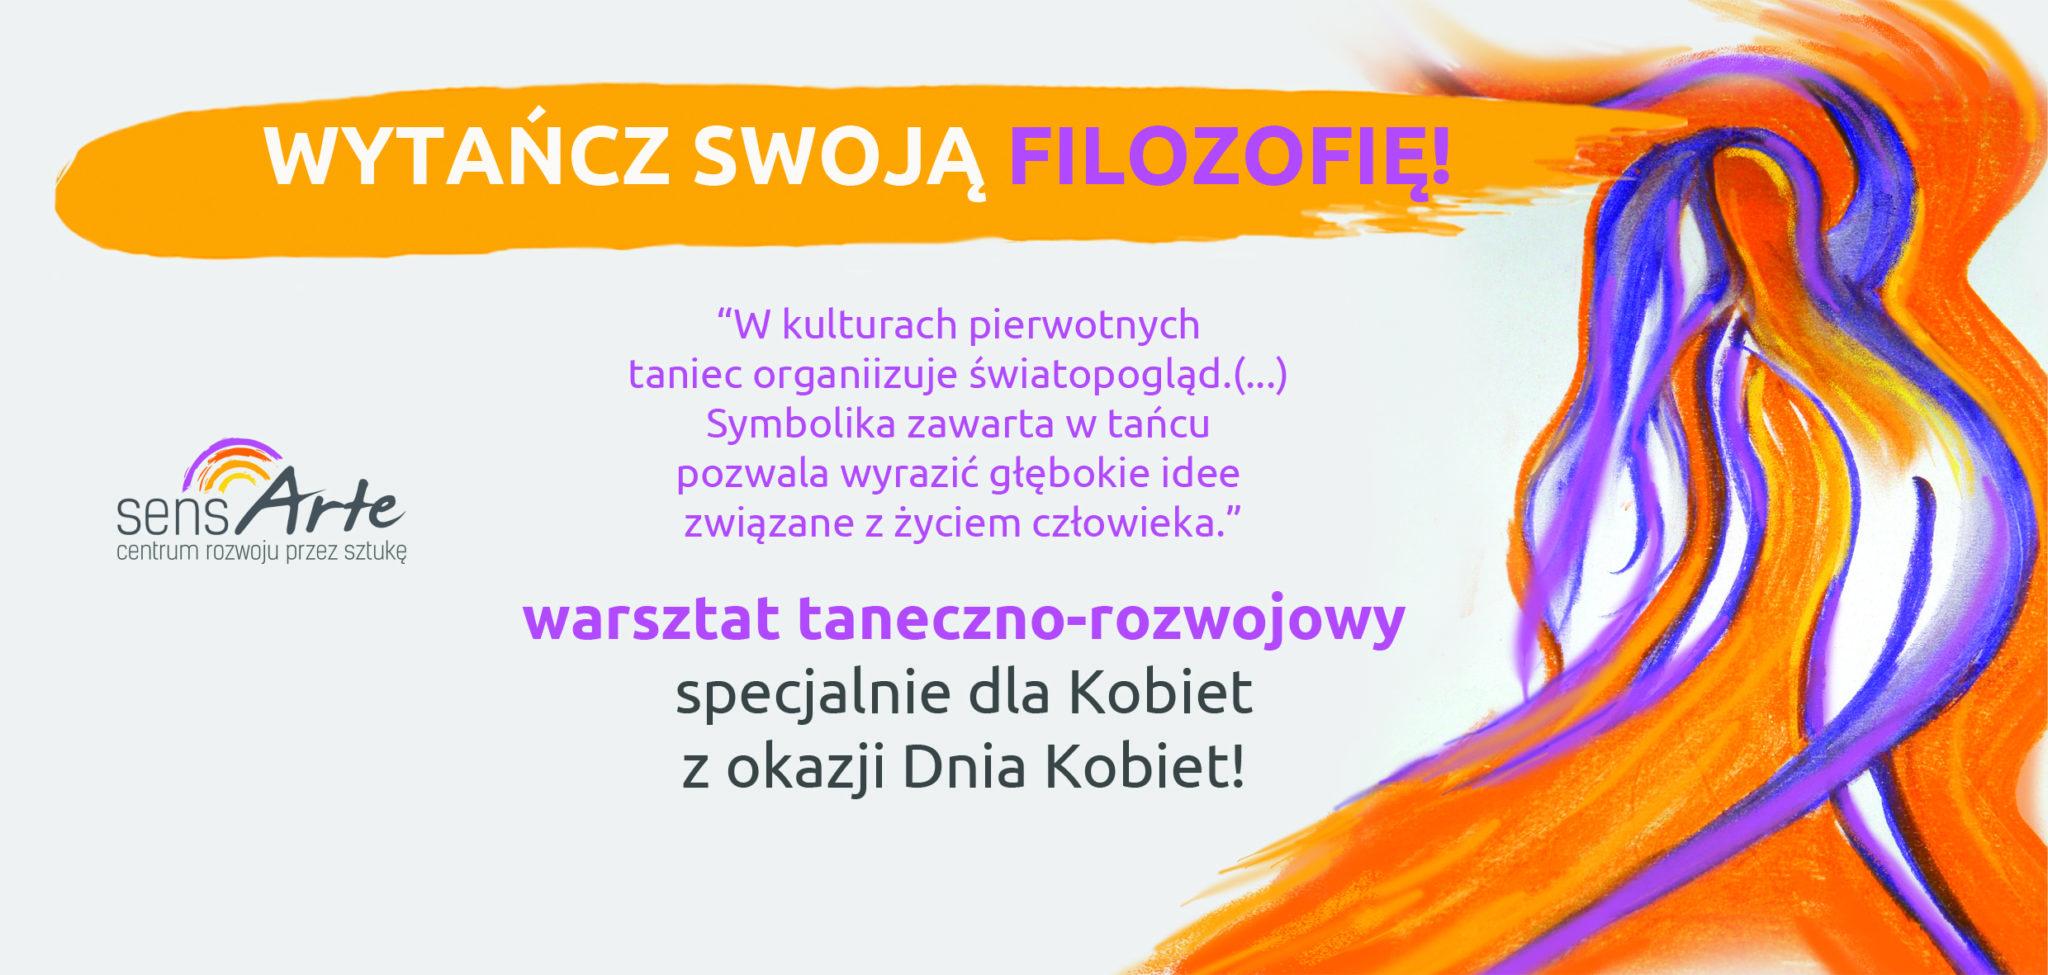 06.03.15 – Wytańcz swoją filozofię!